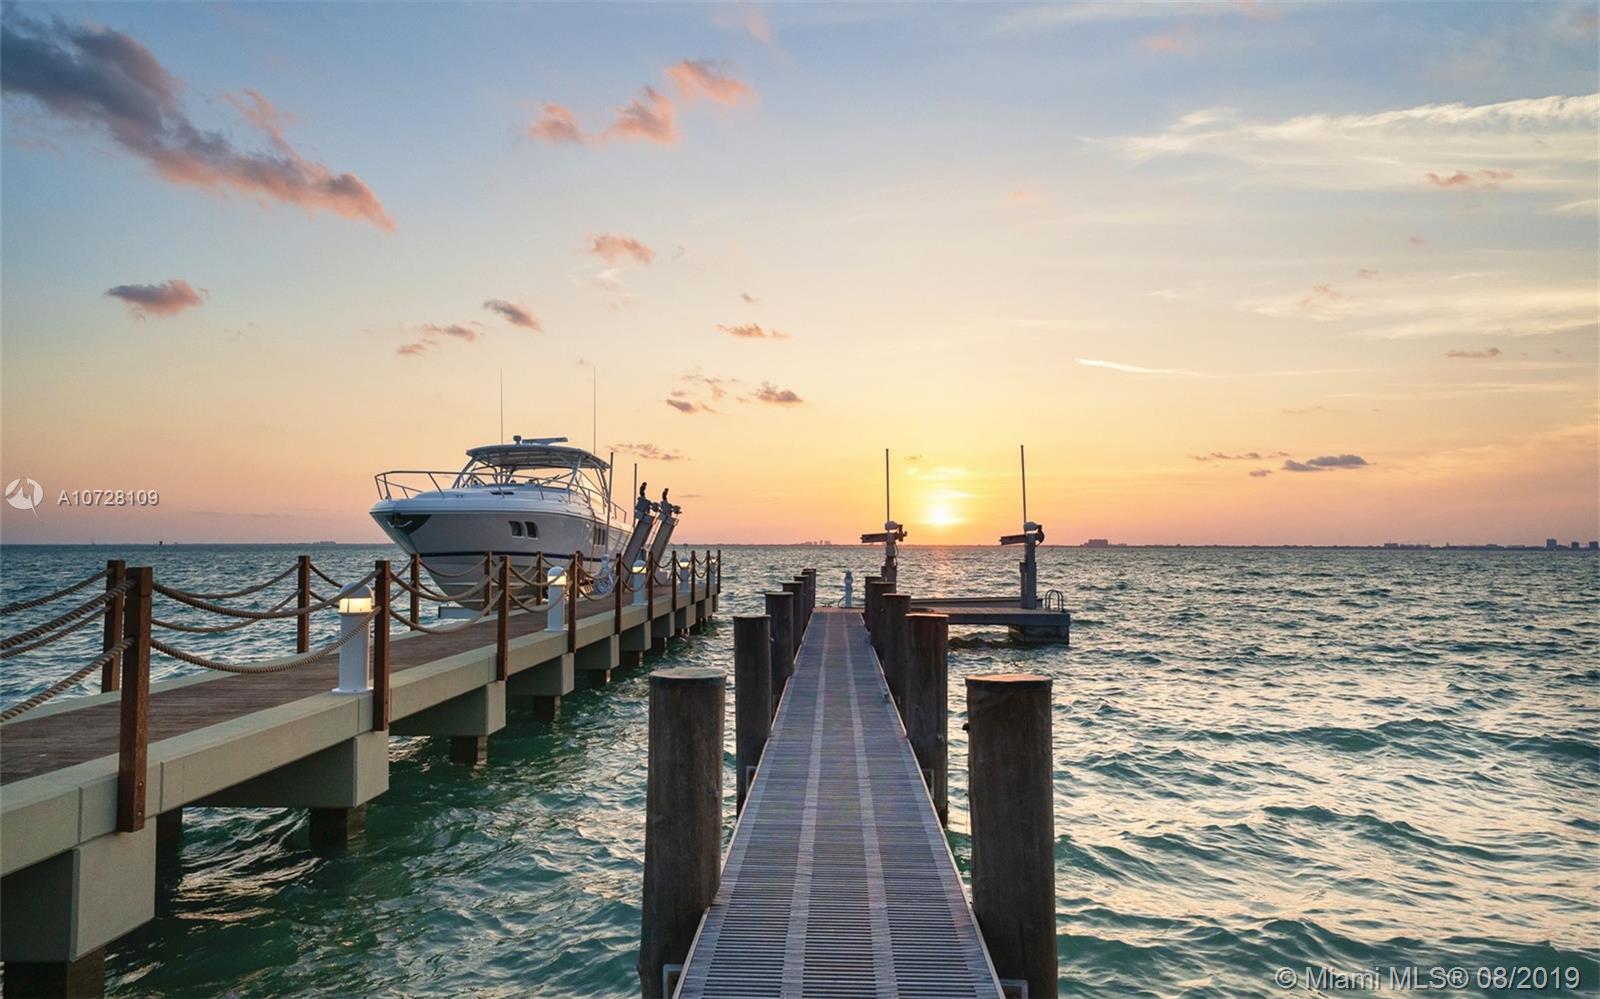 Photo - 9 Harbor Pt, Key Biscayne FL 33149